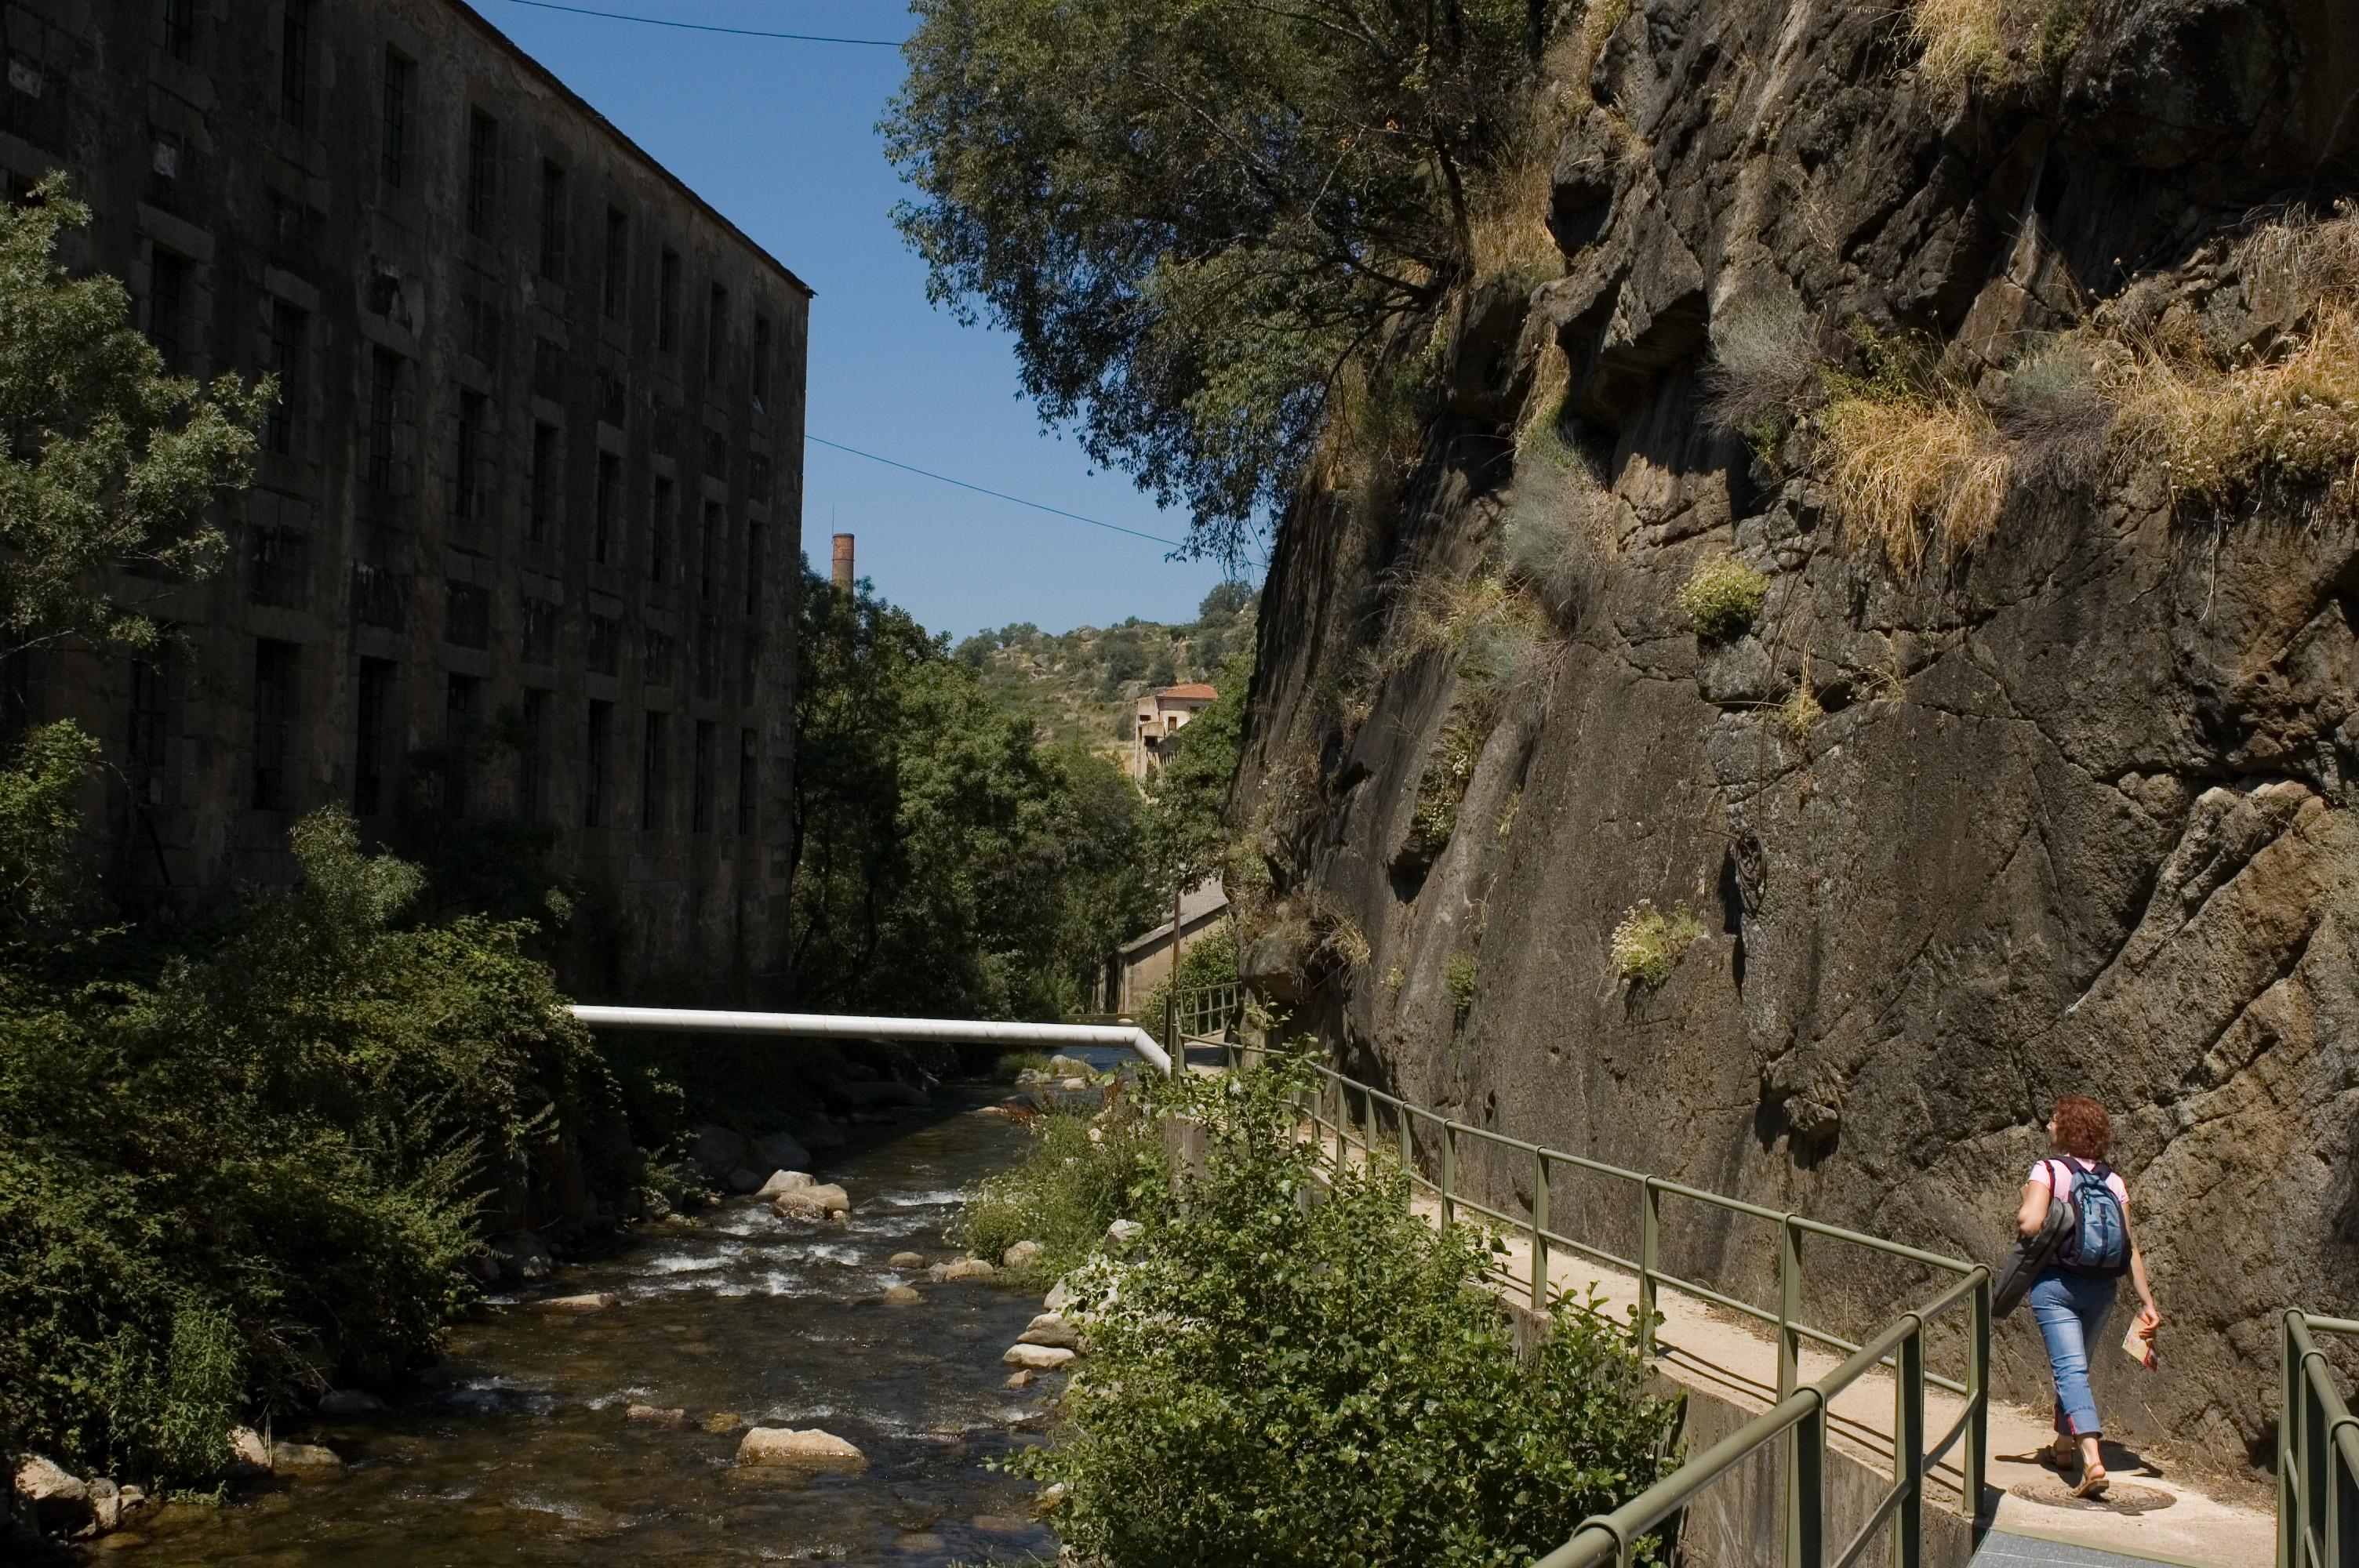 Ruta de las fábricas textiles. Béjar. Salamanca. Castilla y León. España © Javier Prieto Gallego;